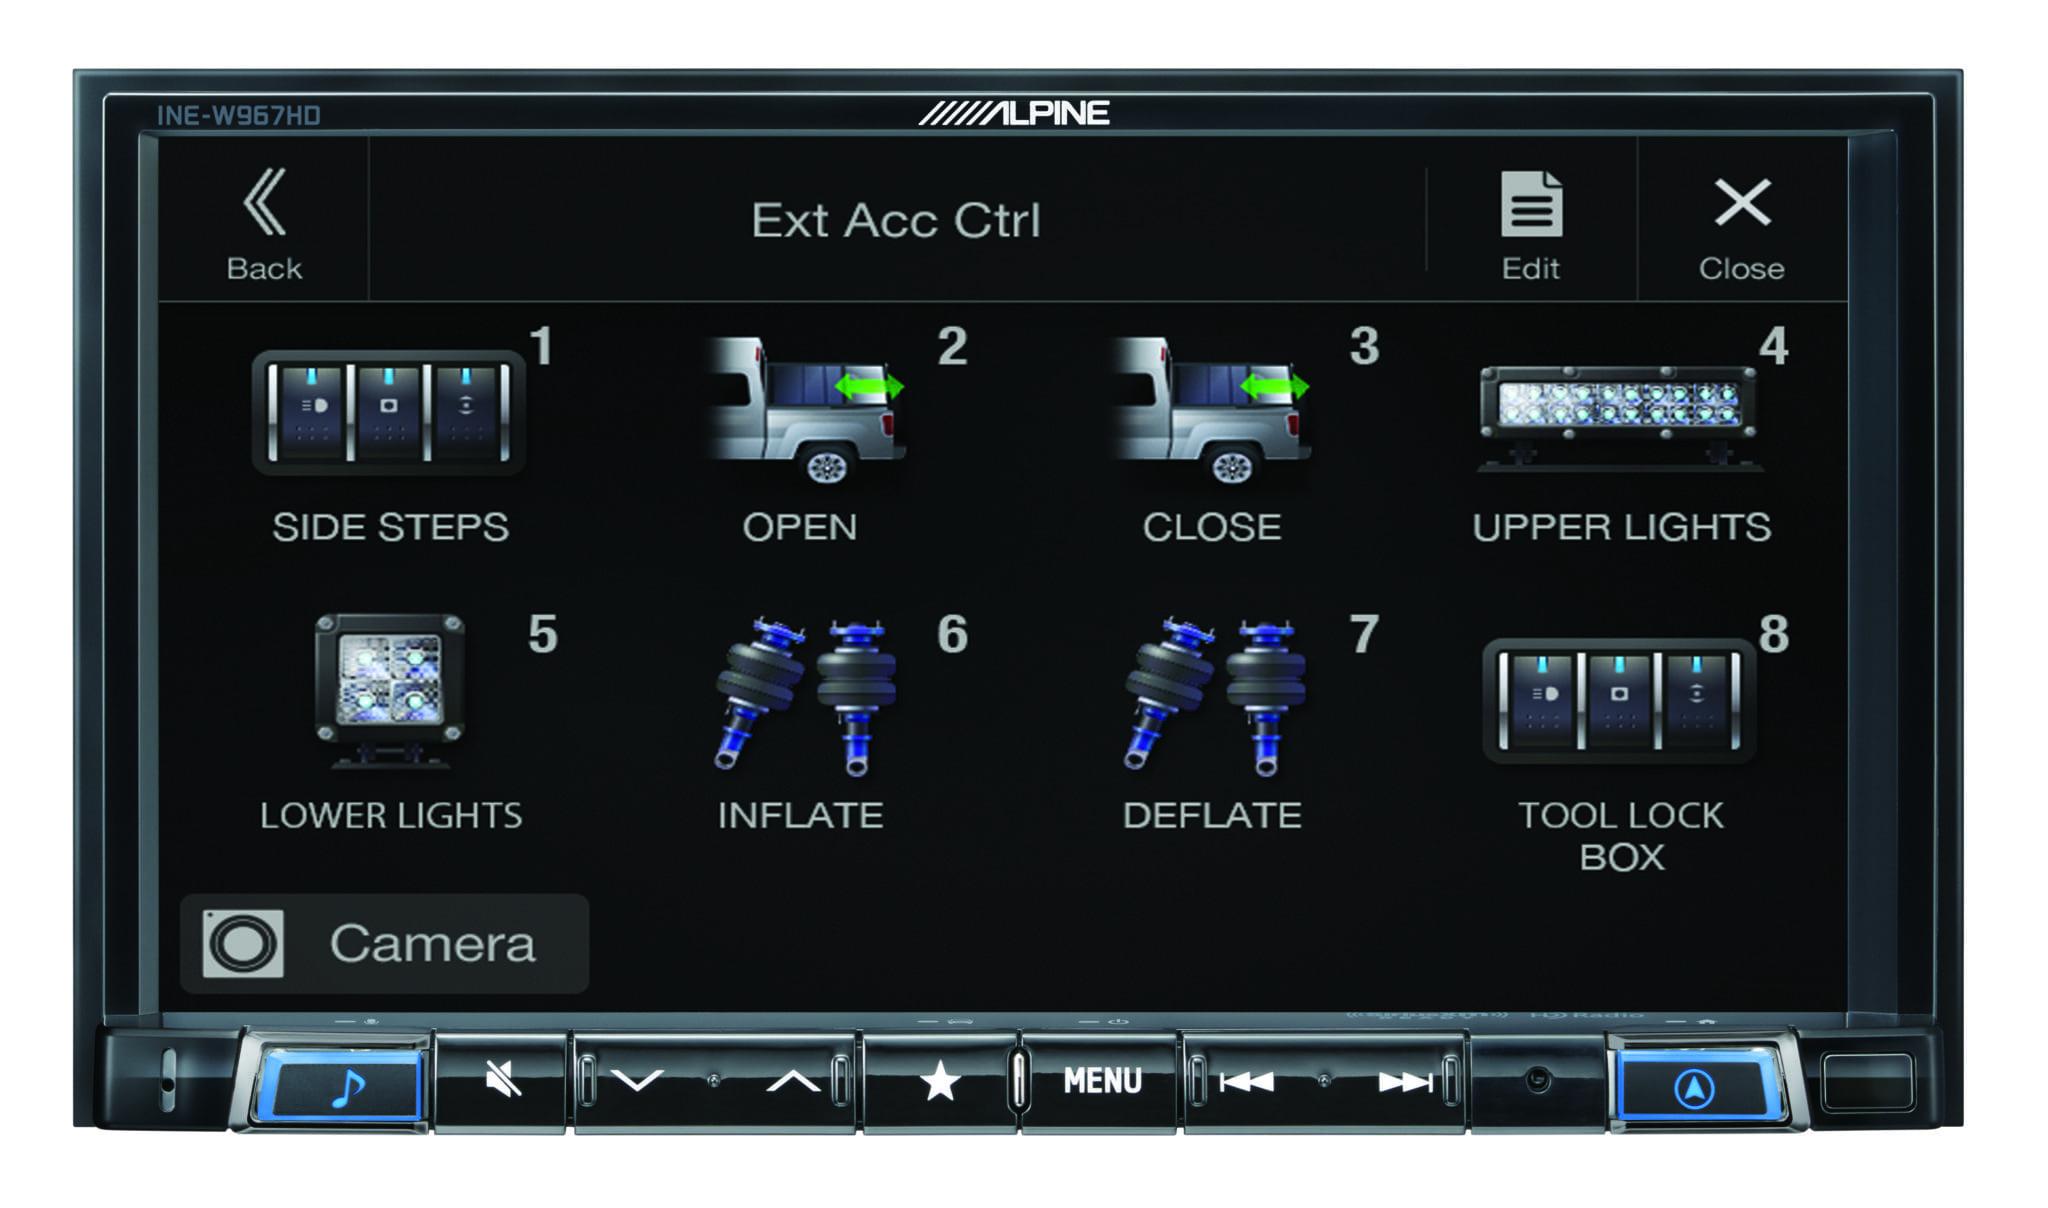 Alpine INE-W967HD